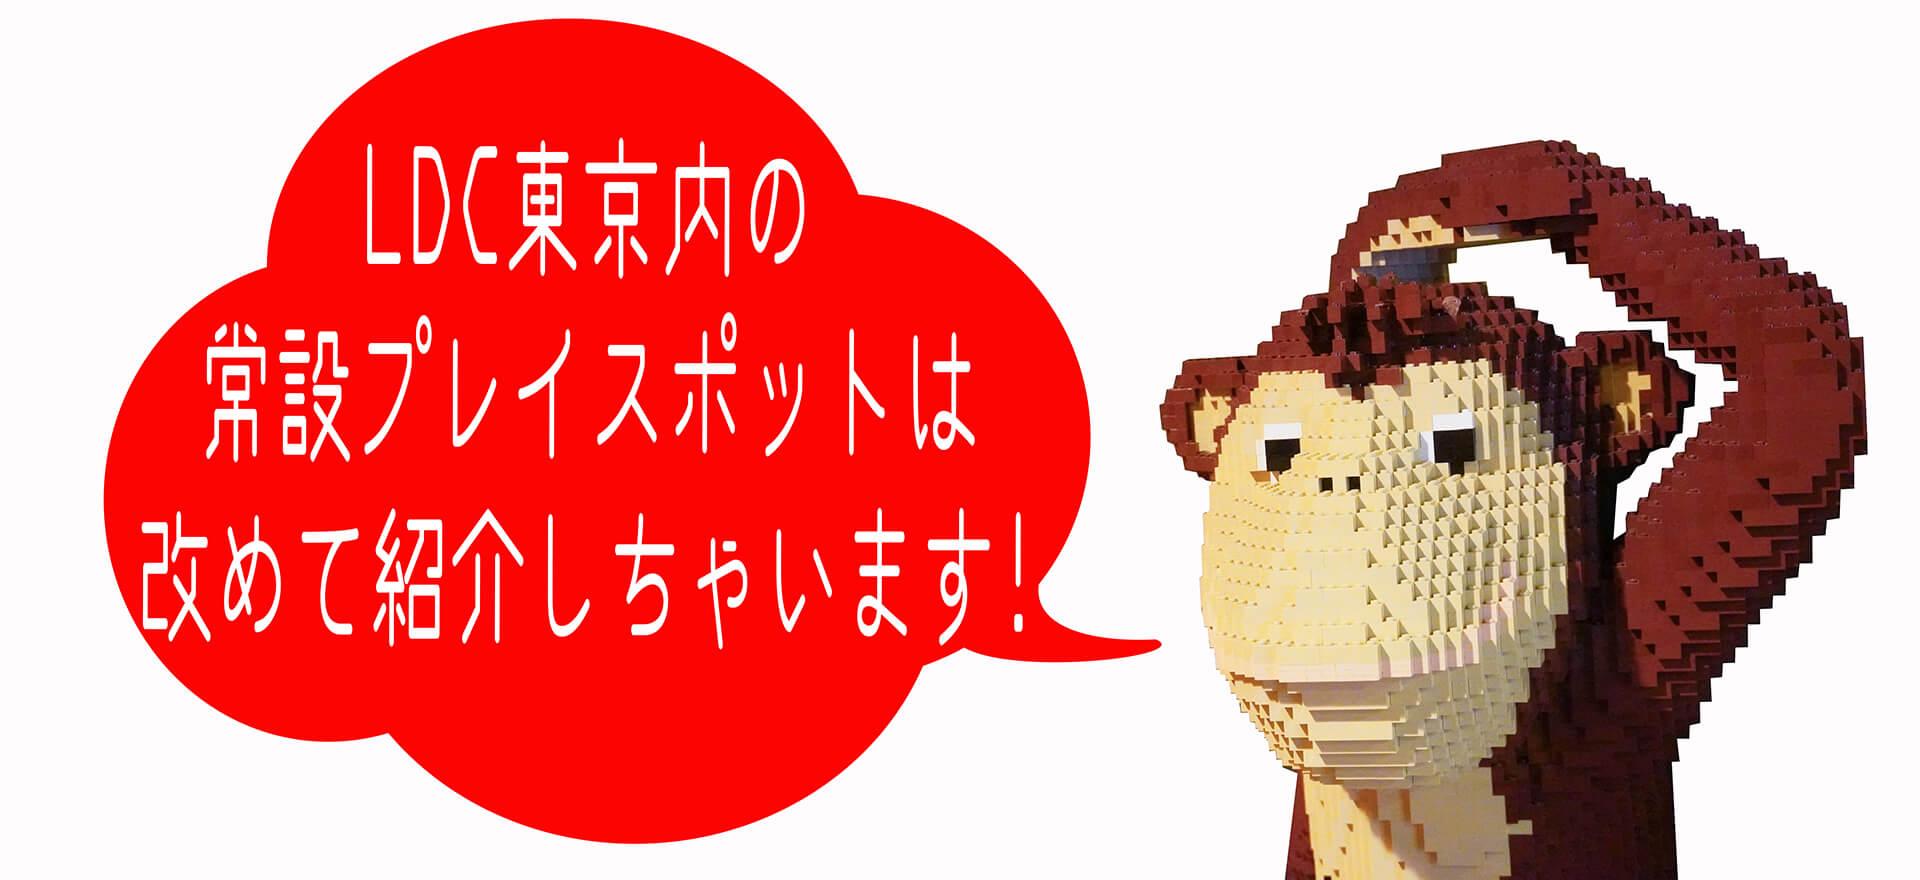 この写真は、レゴニンジャゴー夏祭りで告知するレゴで作った猿